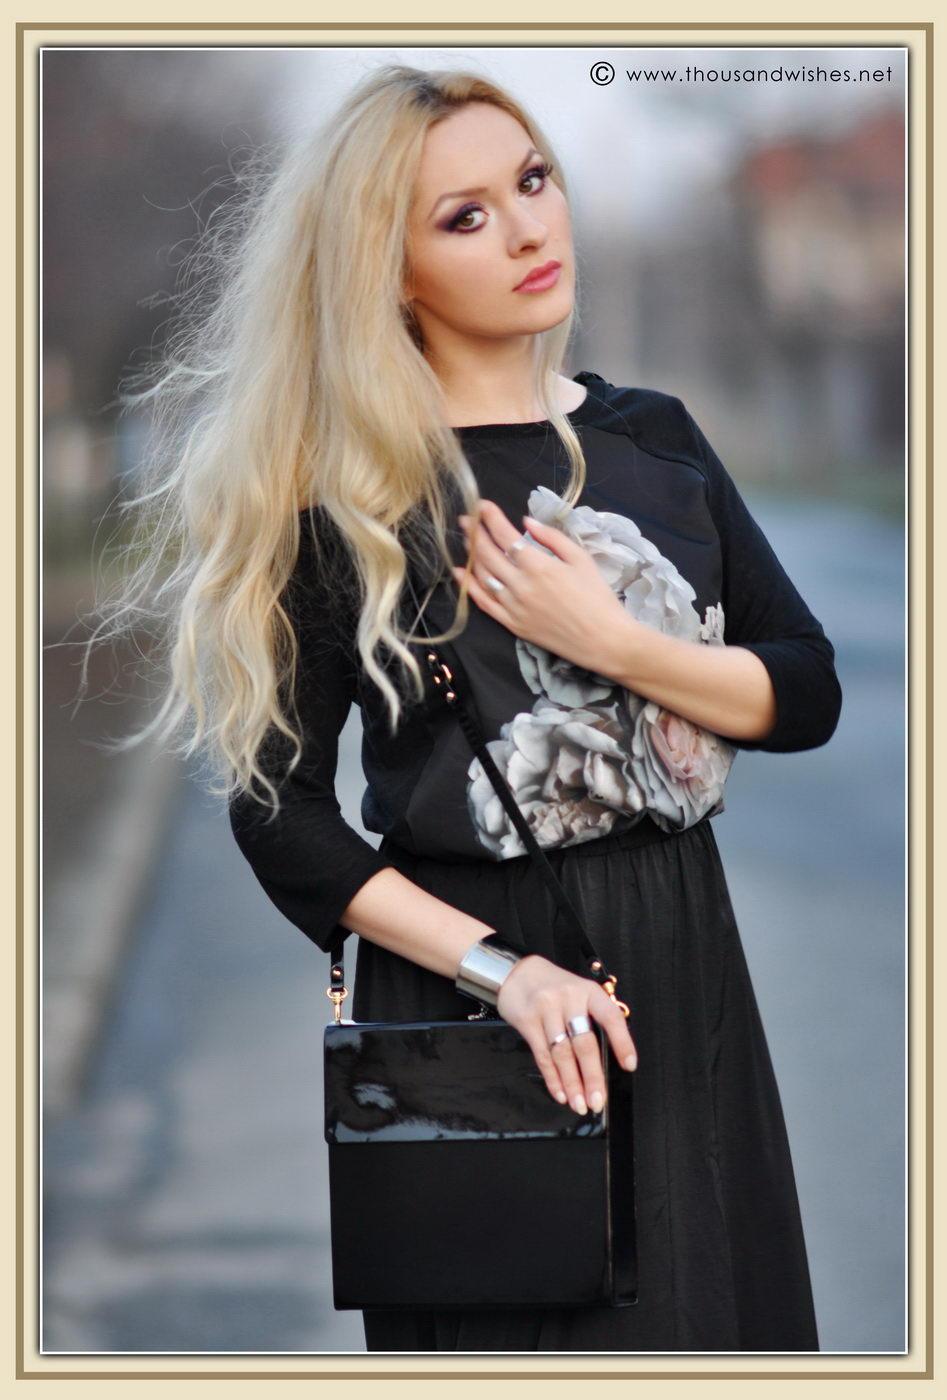 15_glossy_black_bag_skirt_blonde